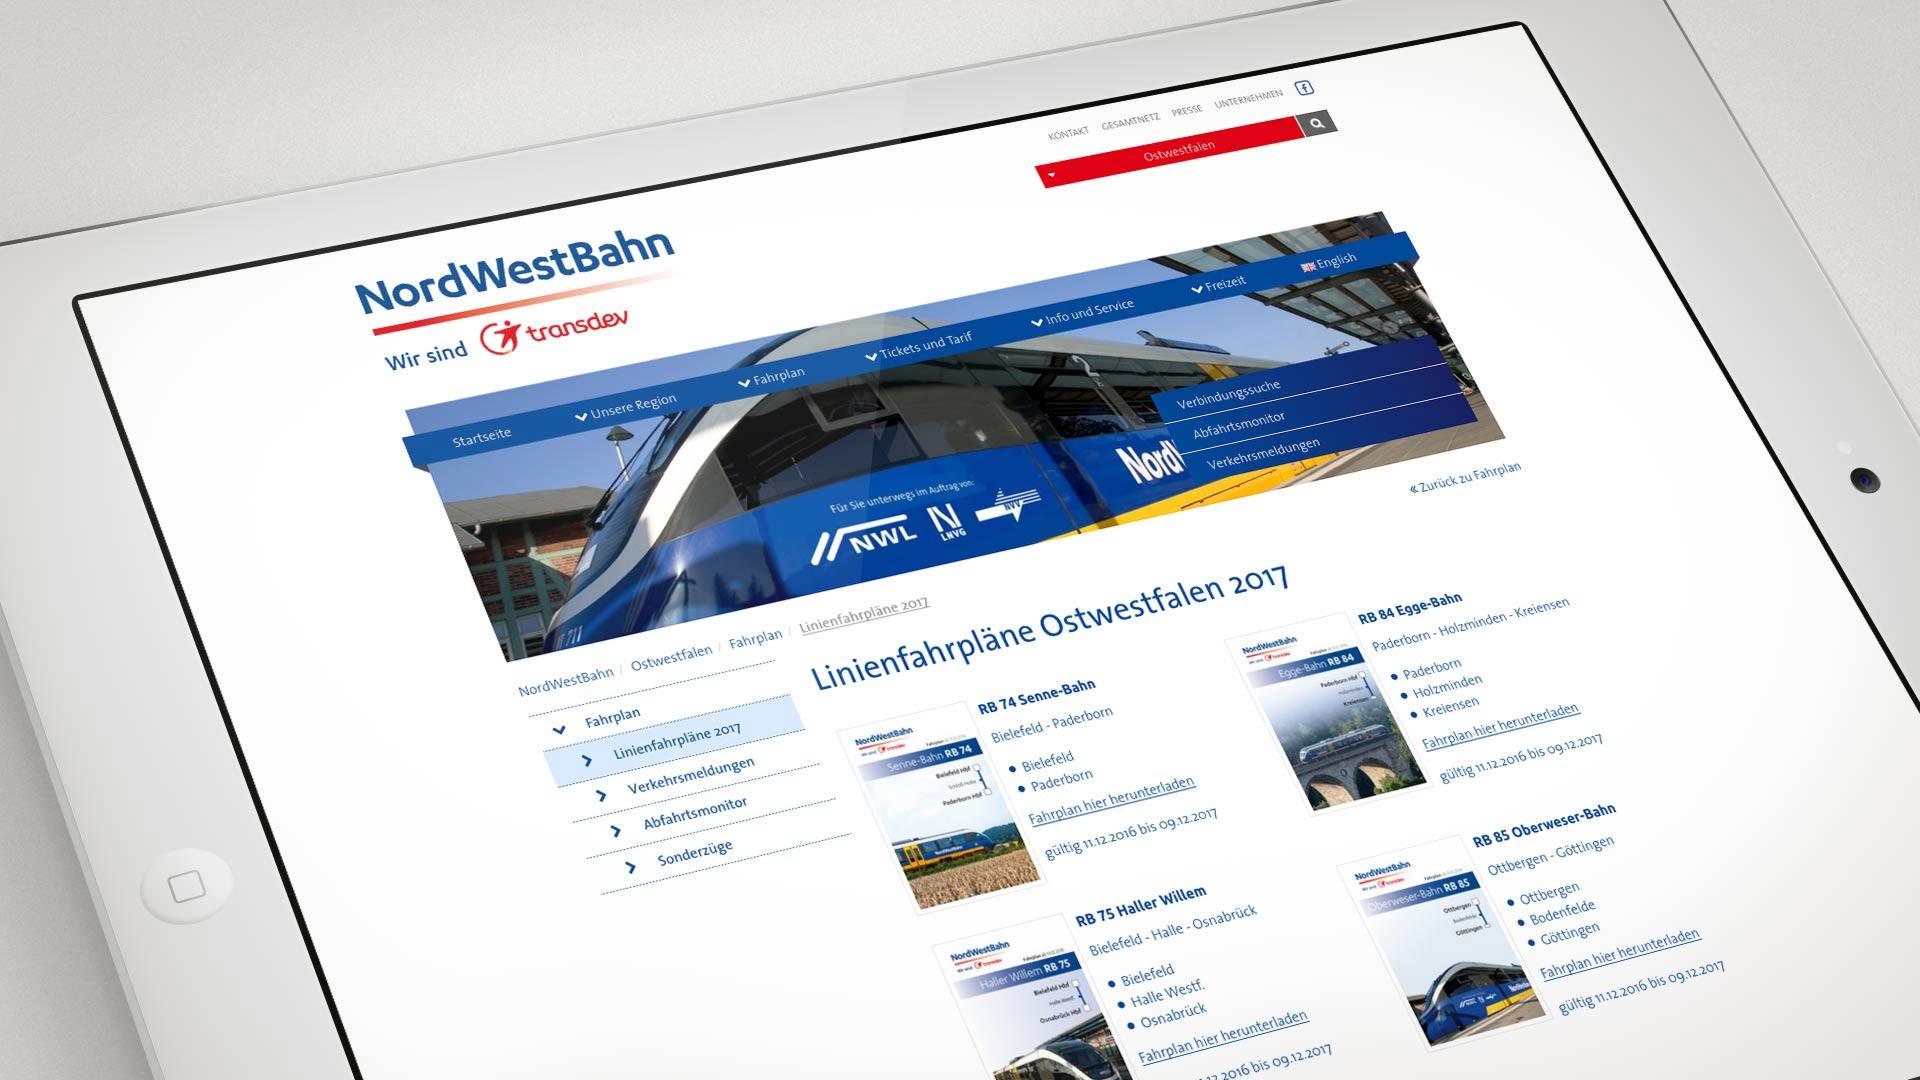 artventura-Projekt nordwestbahn.de:Übersicht der Linienfahrpläne